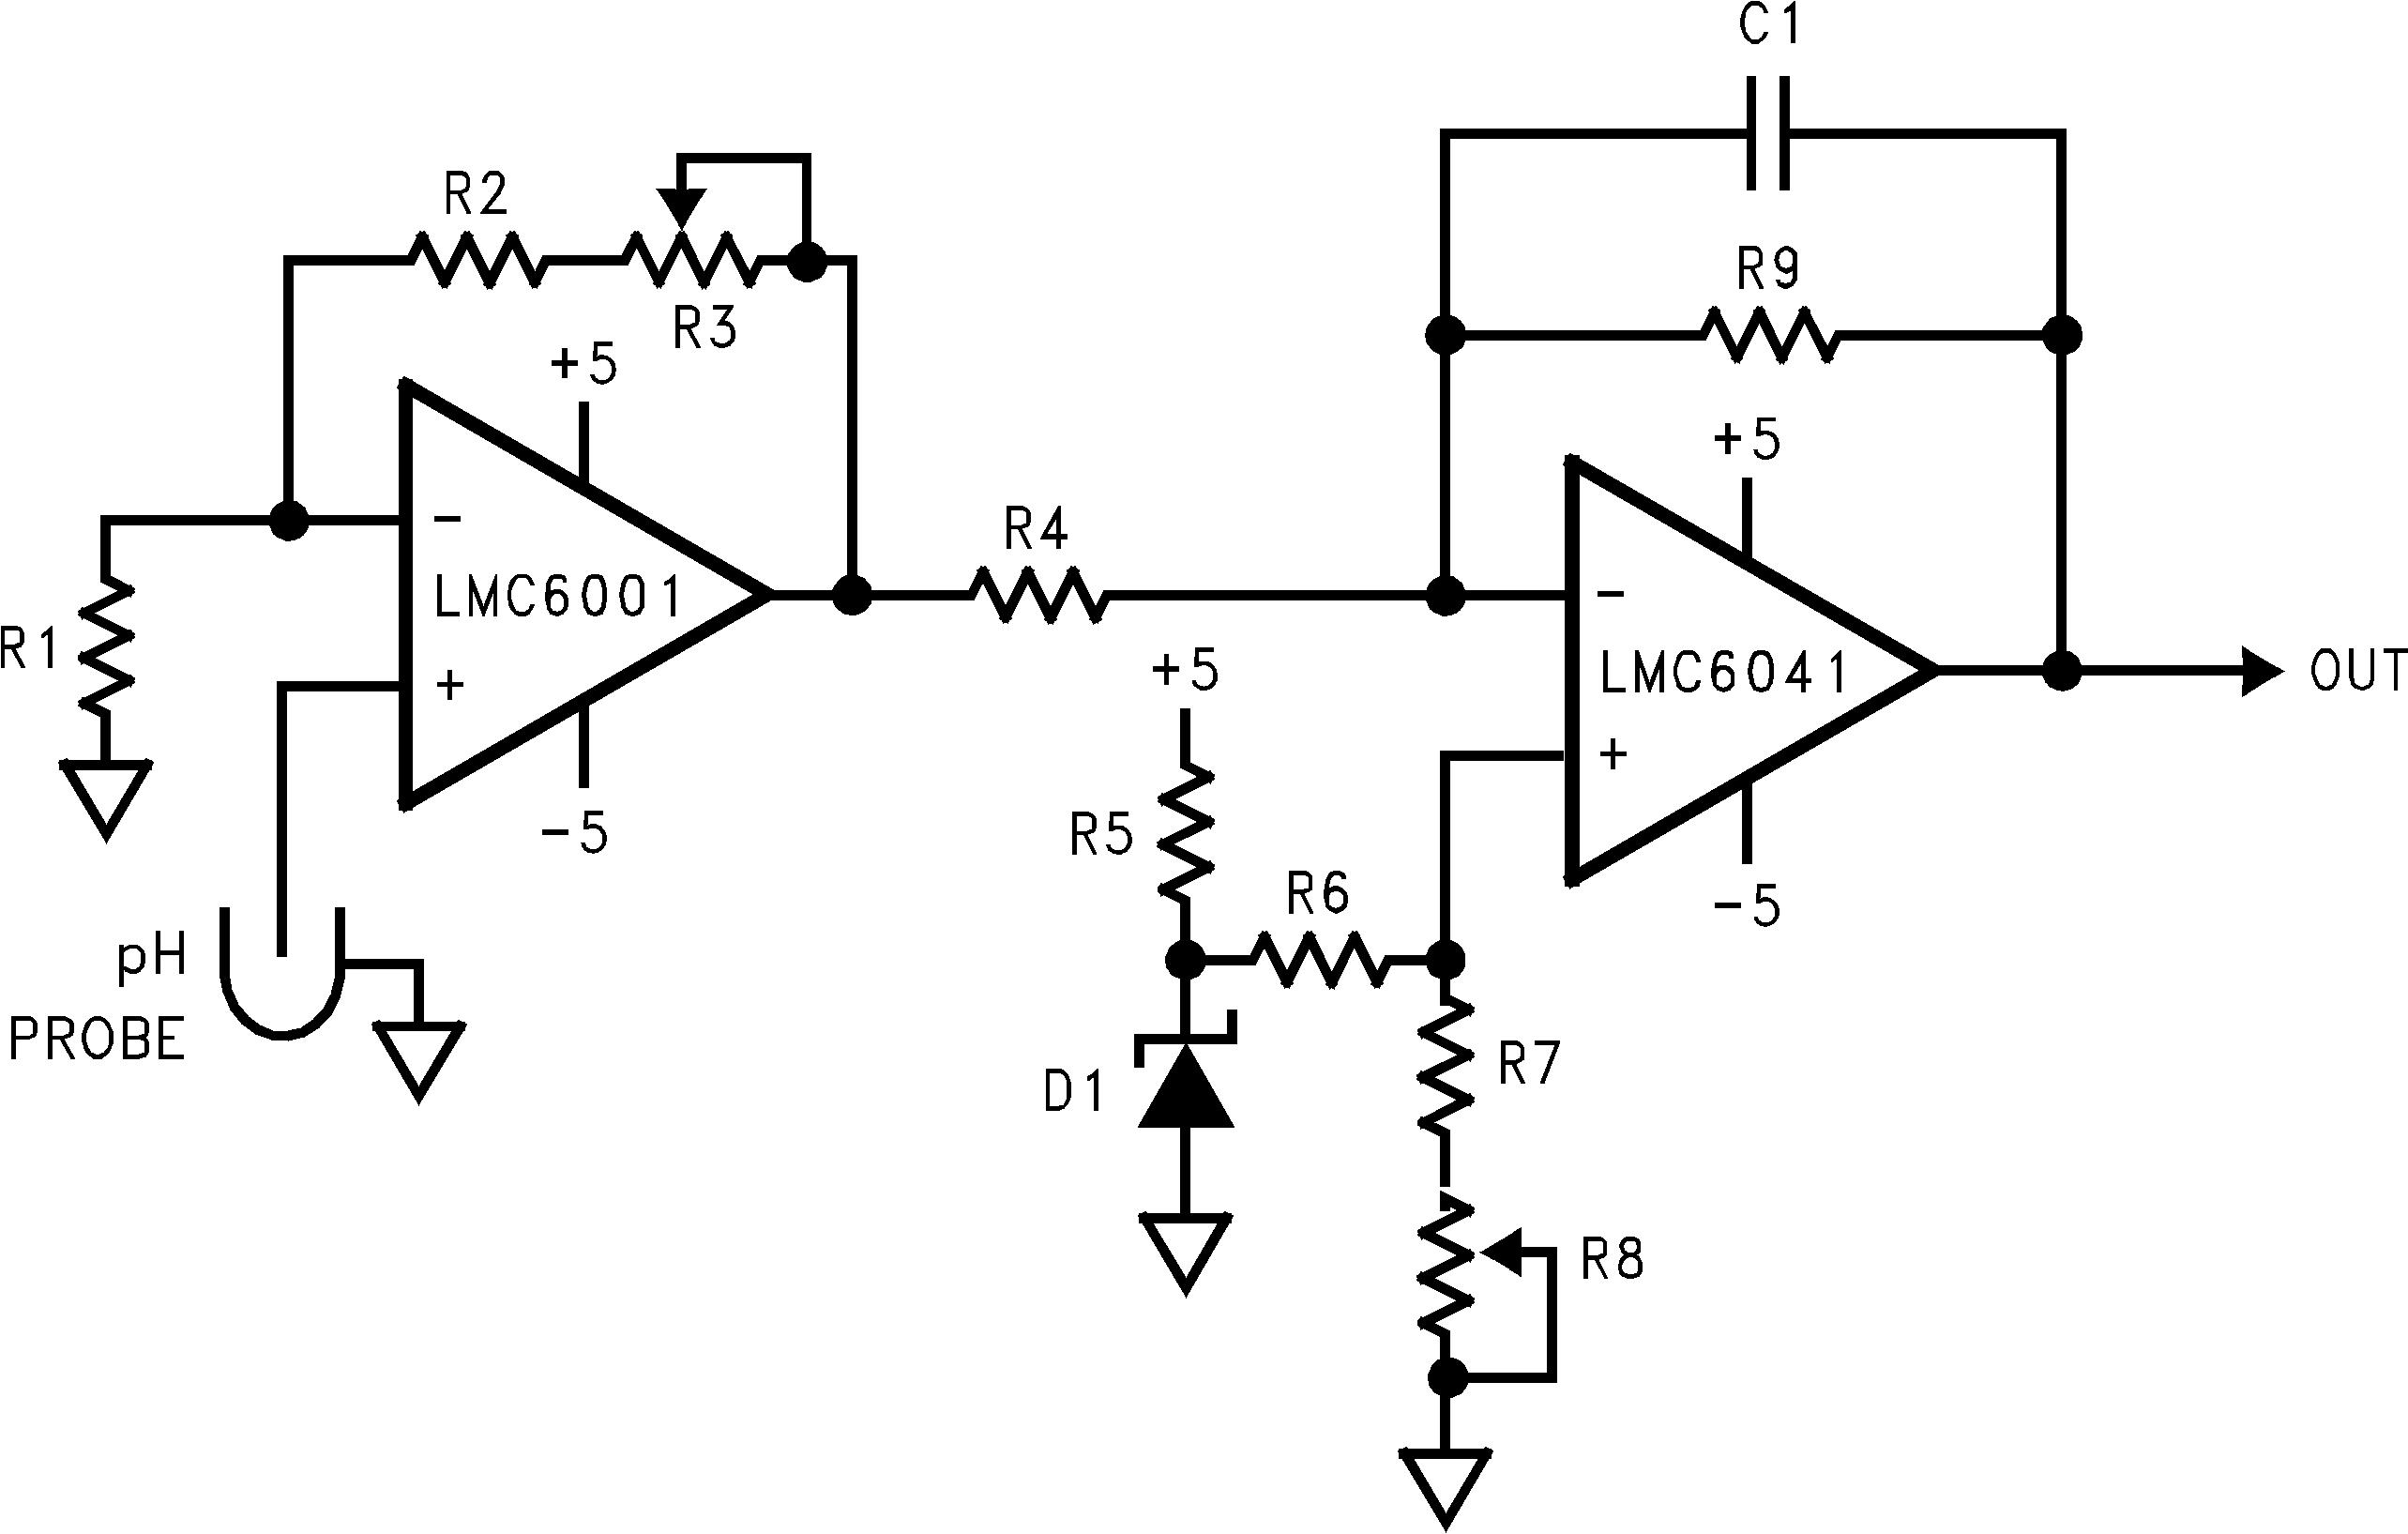 lmc6001